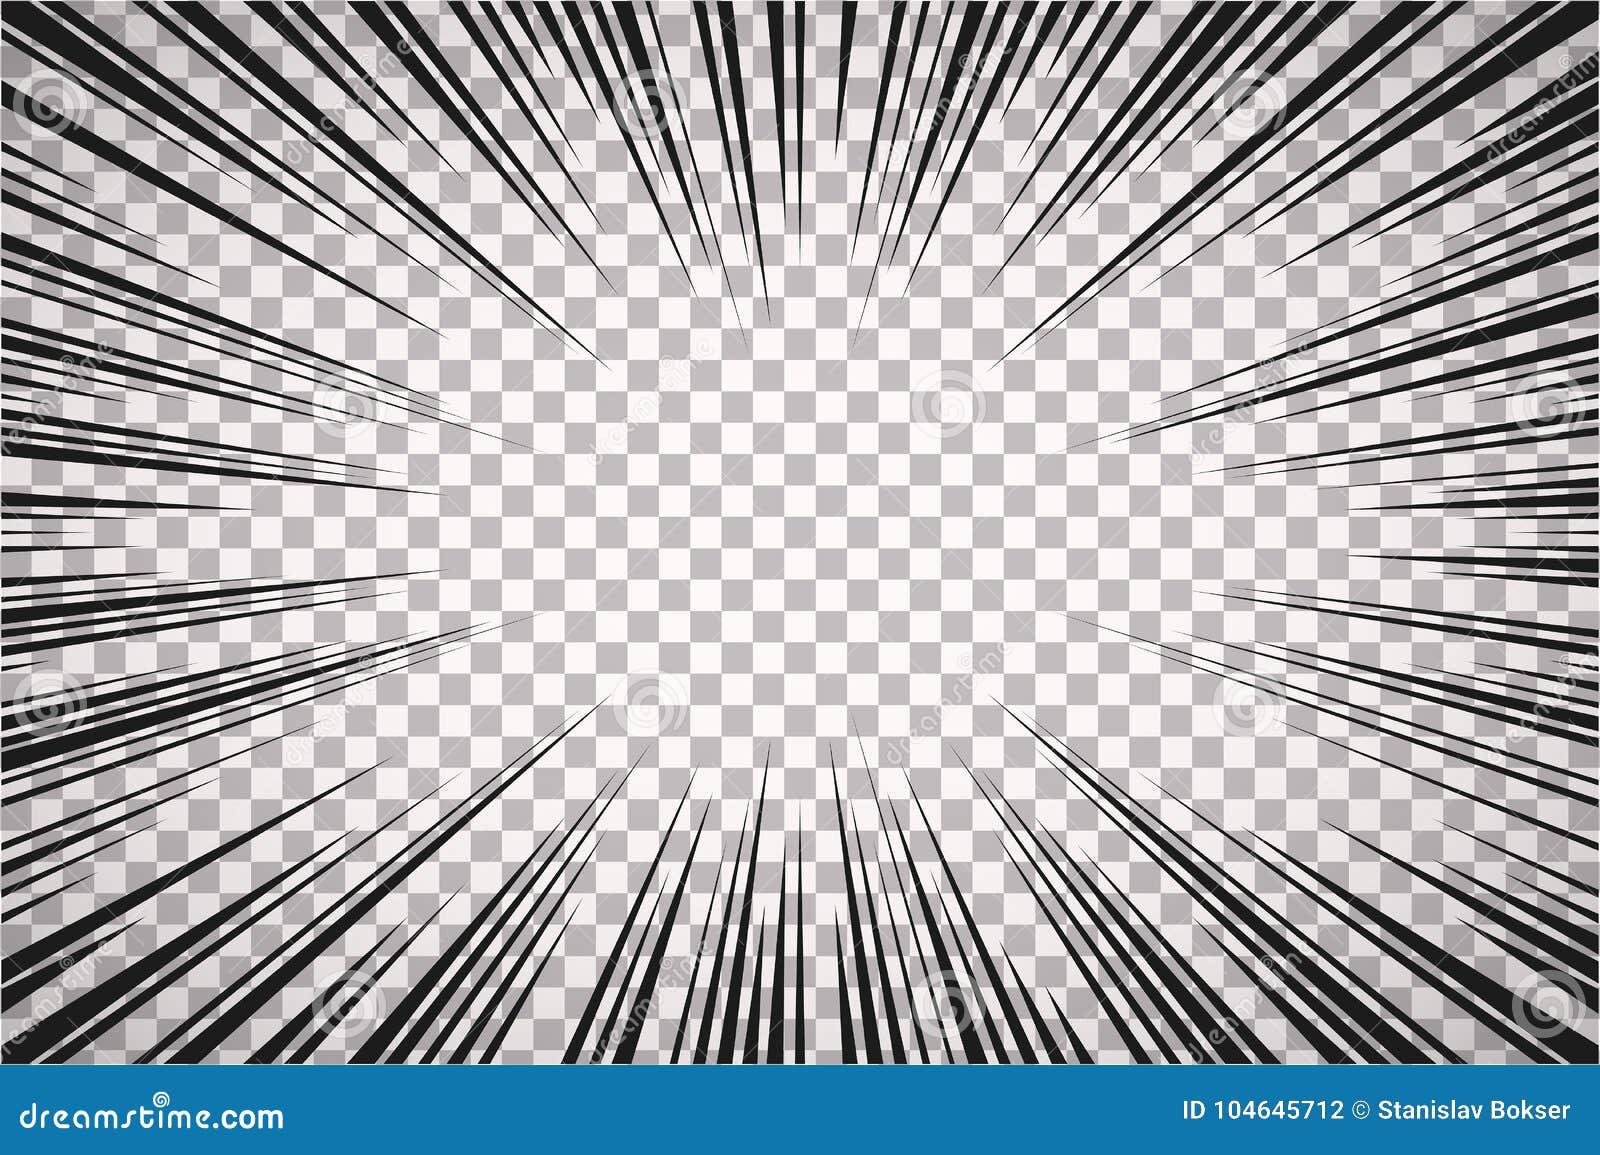 Los tebeos radiales blancos y negros diseñan líneas en fondo transparente La acción de Manga, apresura el extracto